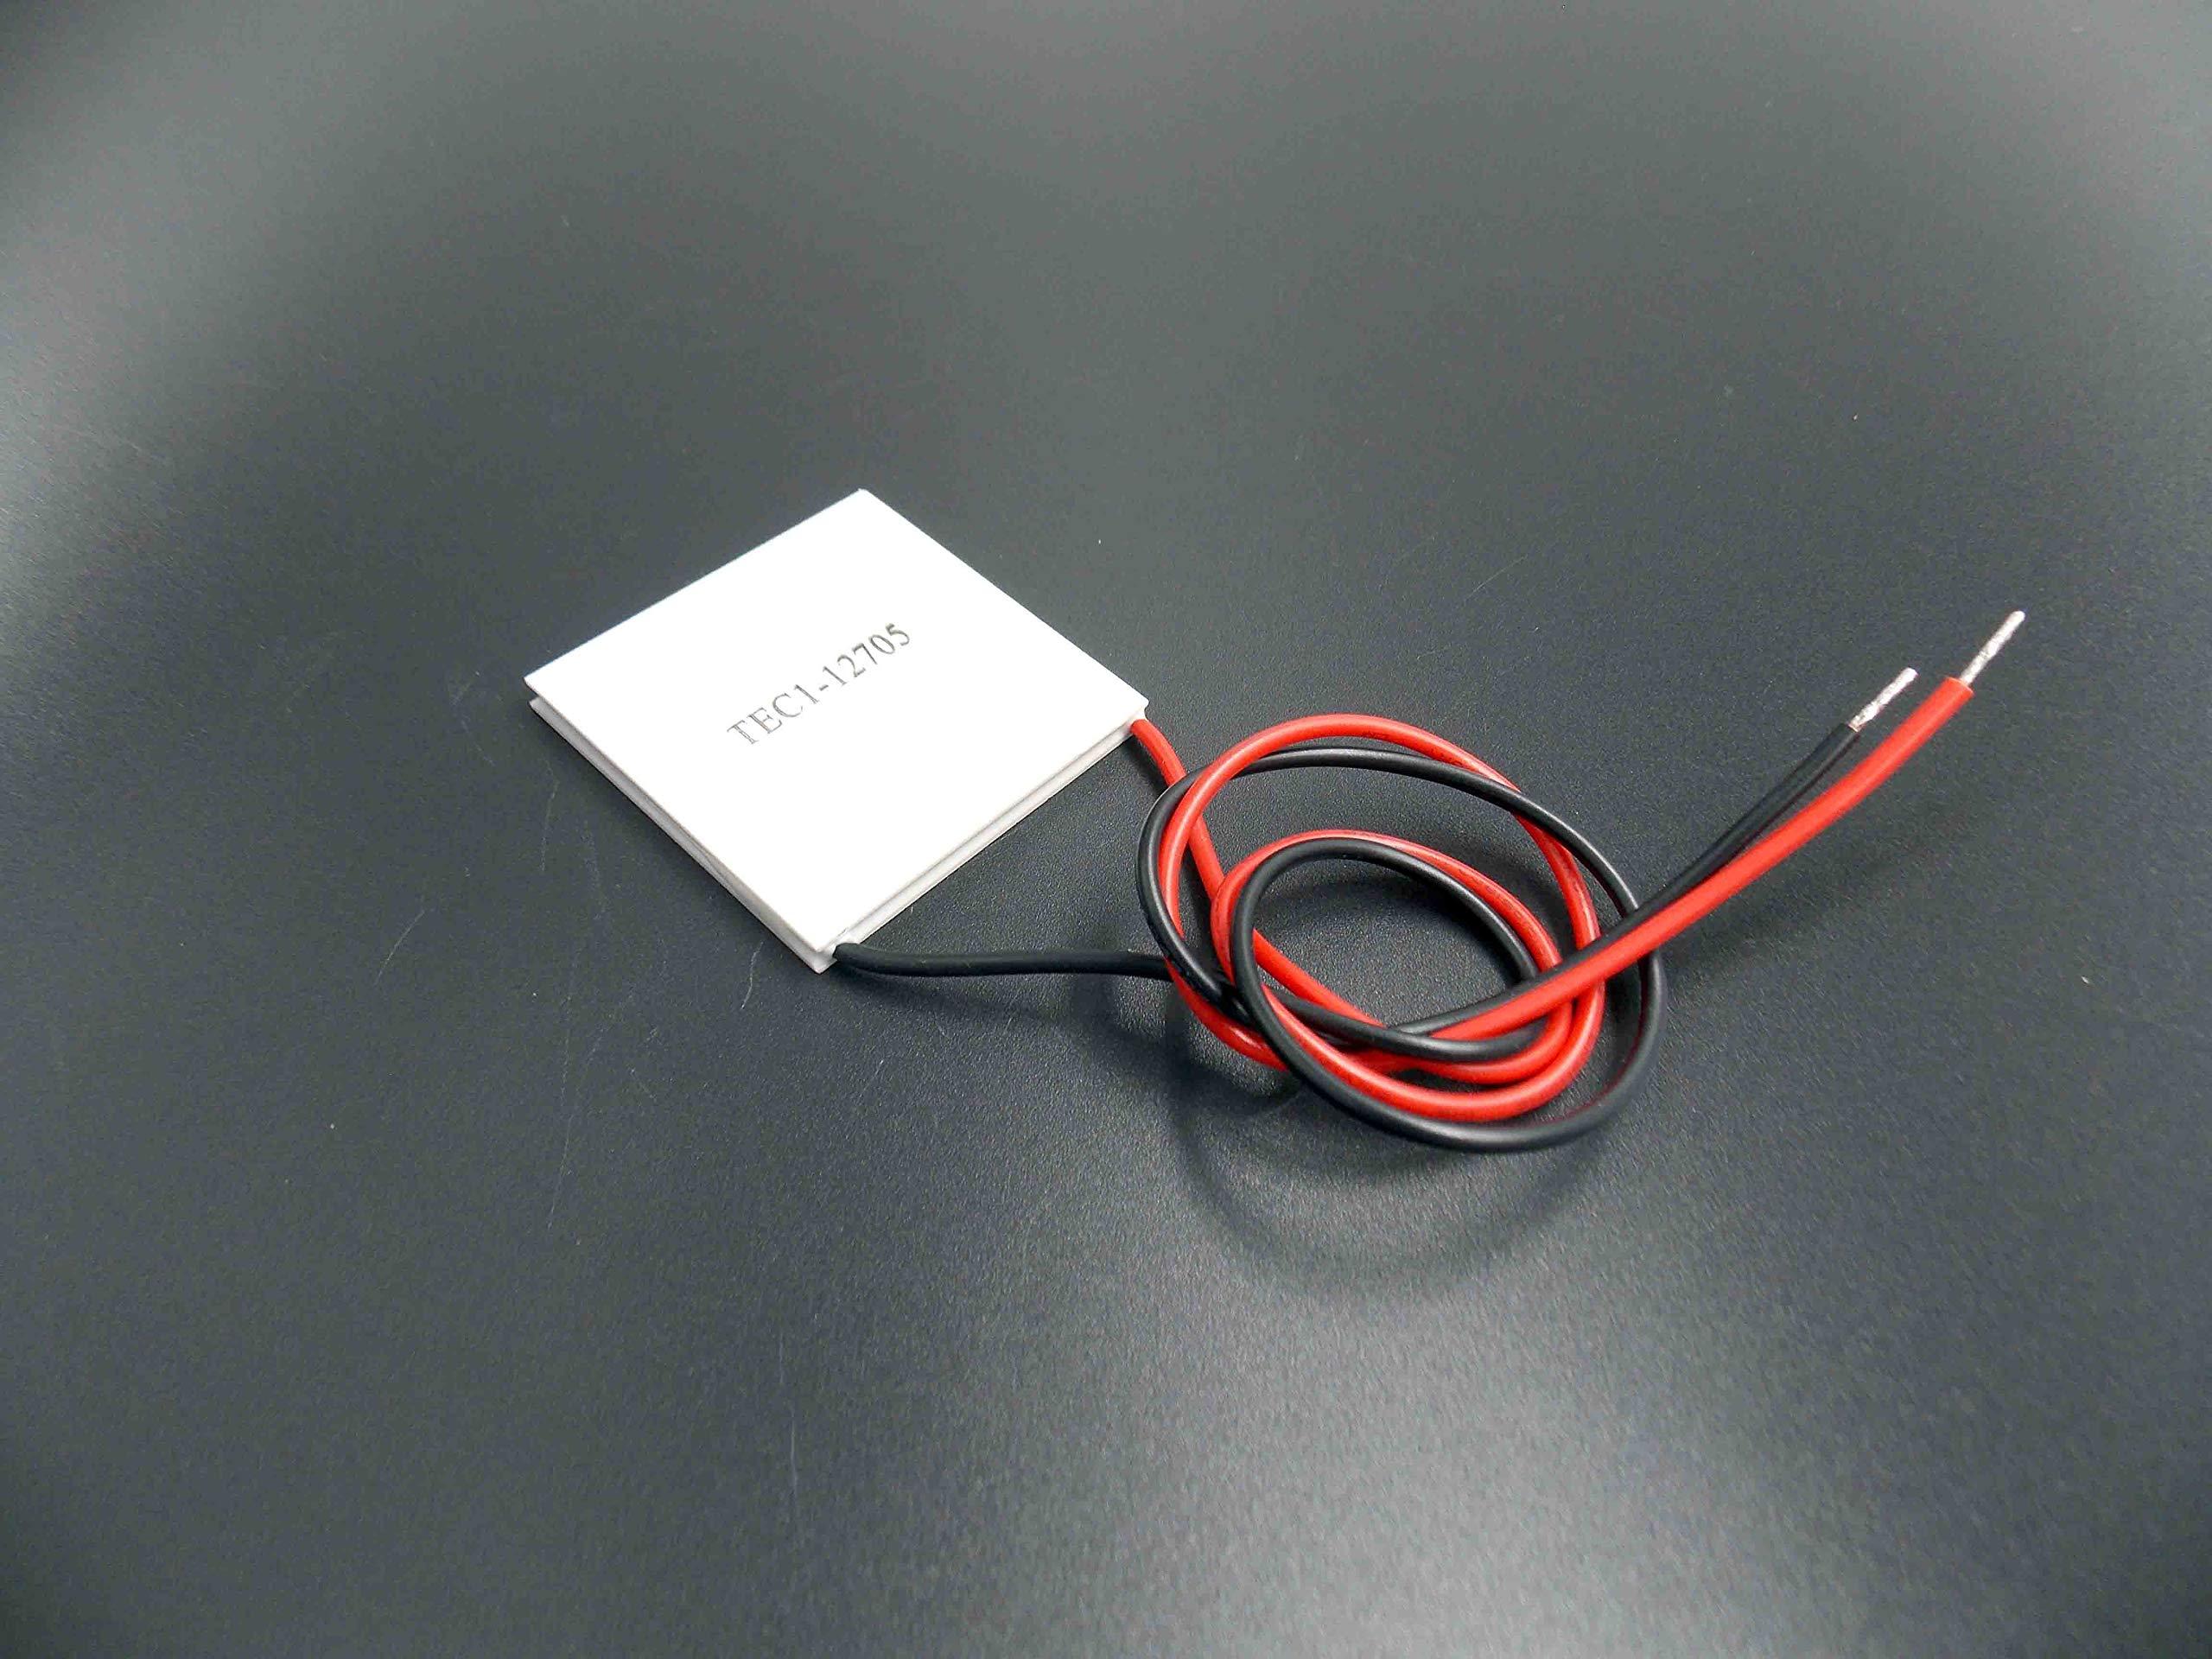 TEC1-12705 Heatsink Thermoelectric Cooler Cooling Peltier Plate Peltier 12705 12V 5A Cells TEC12705 Peltier Elemente Module